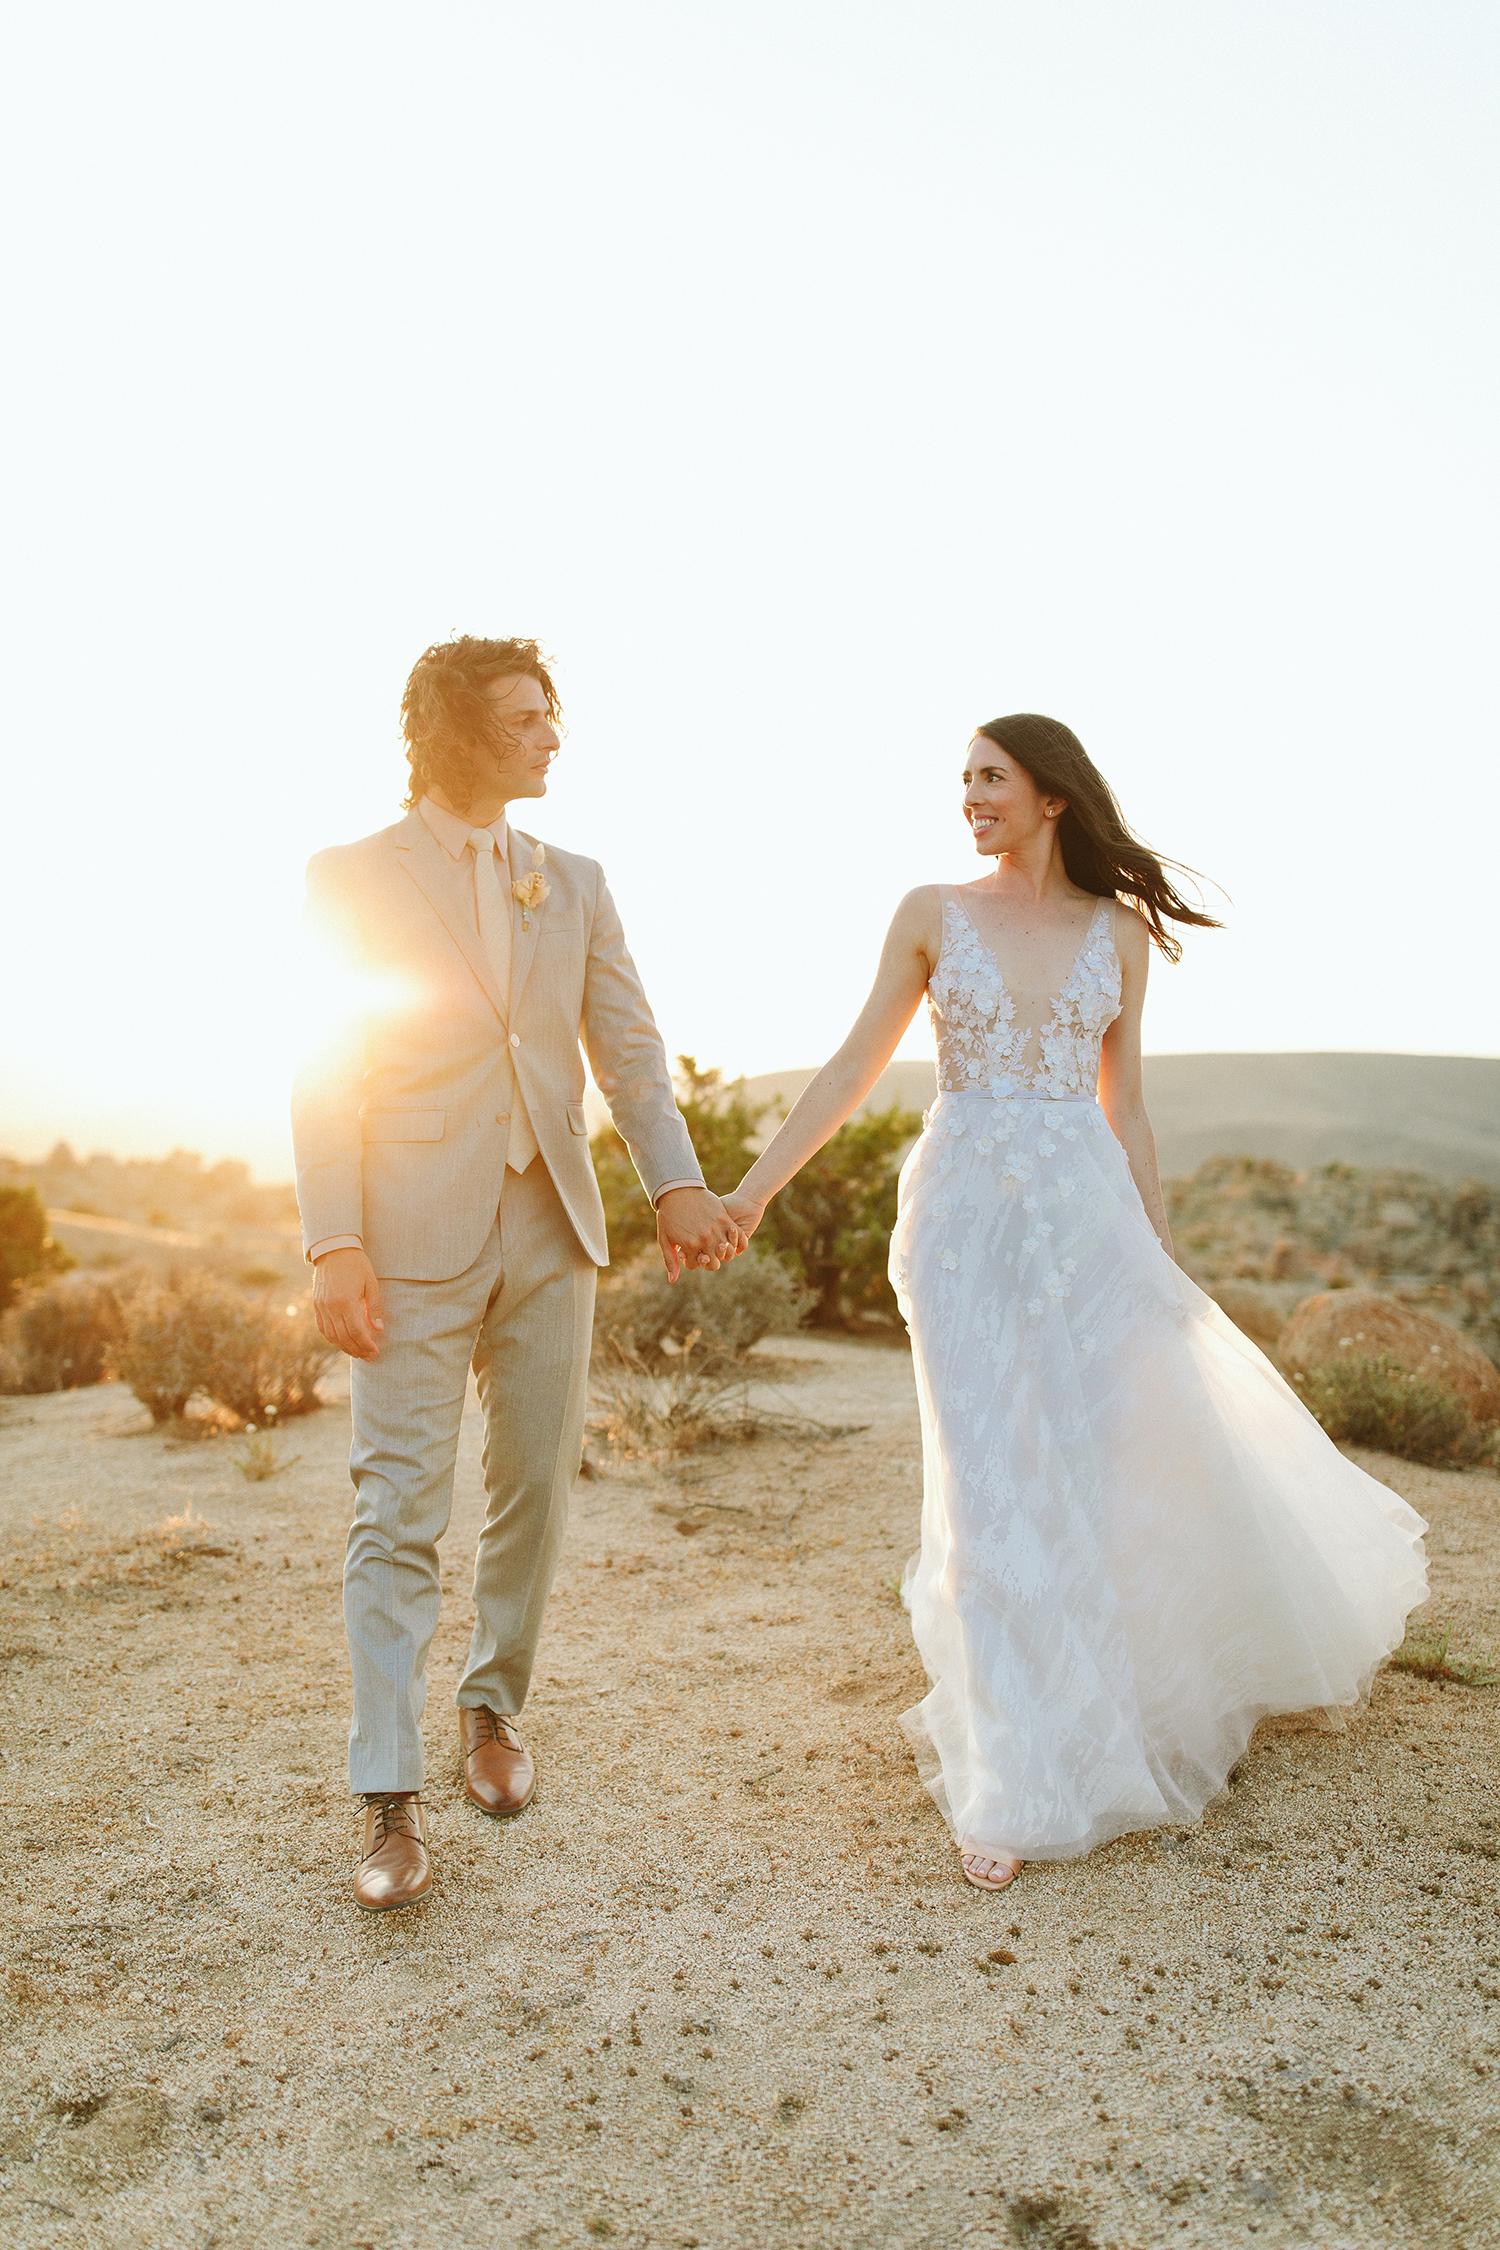 ashley basil wedding couple on desert at golden hour